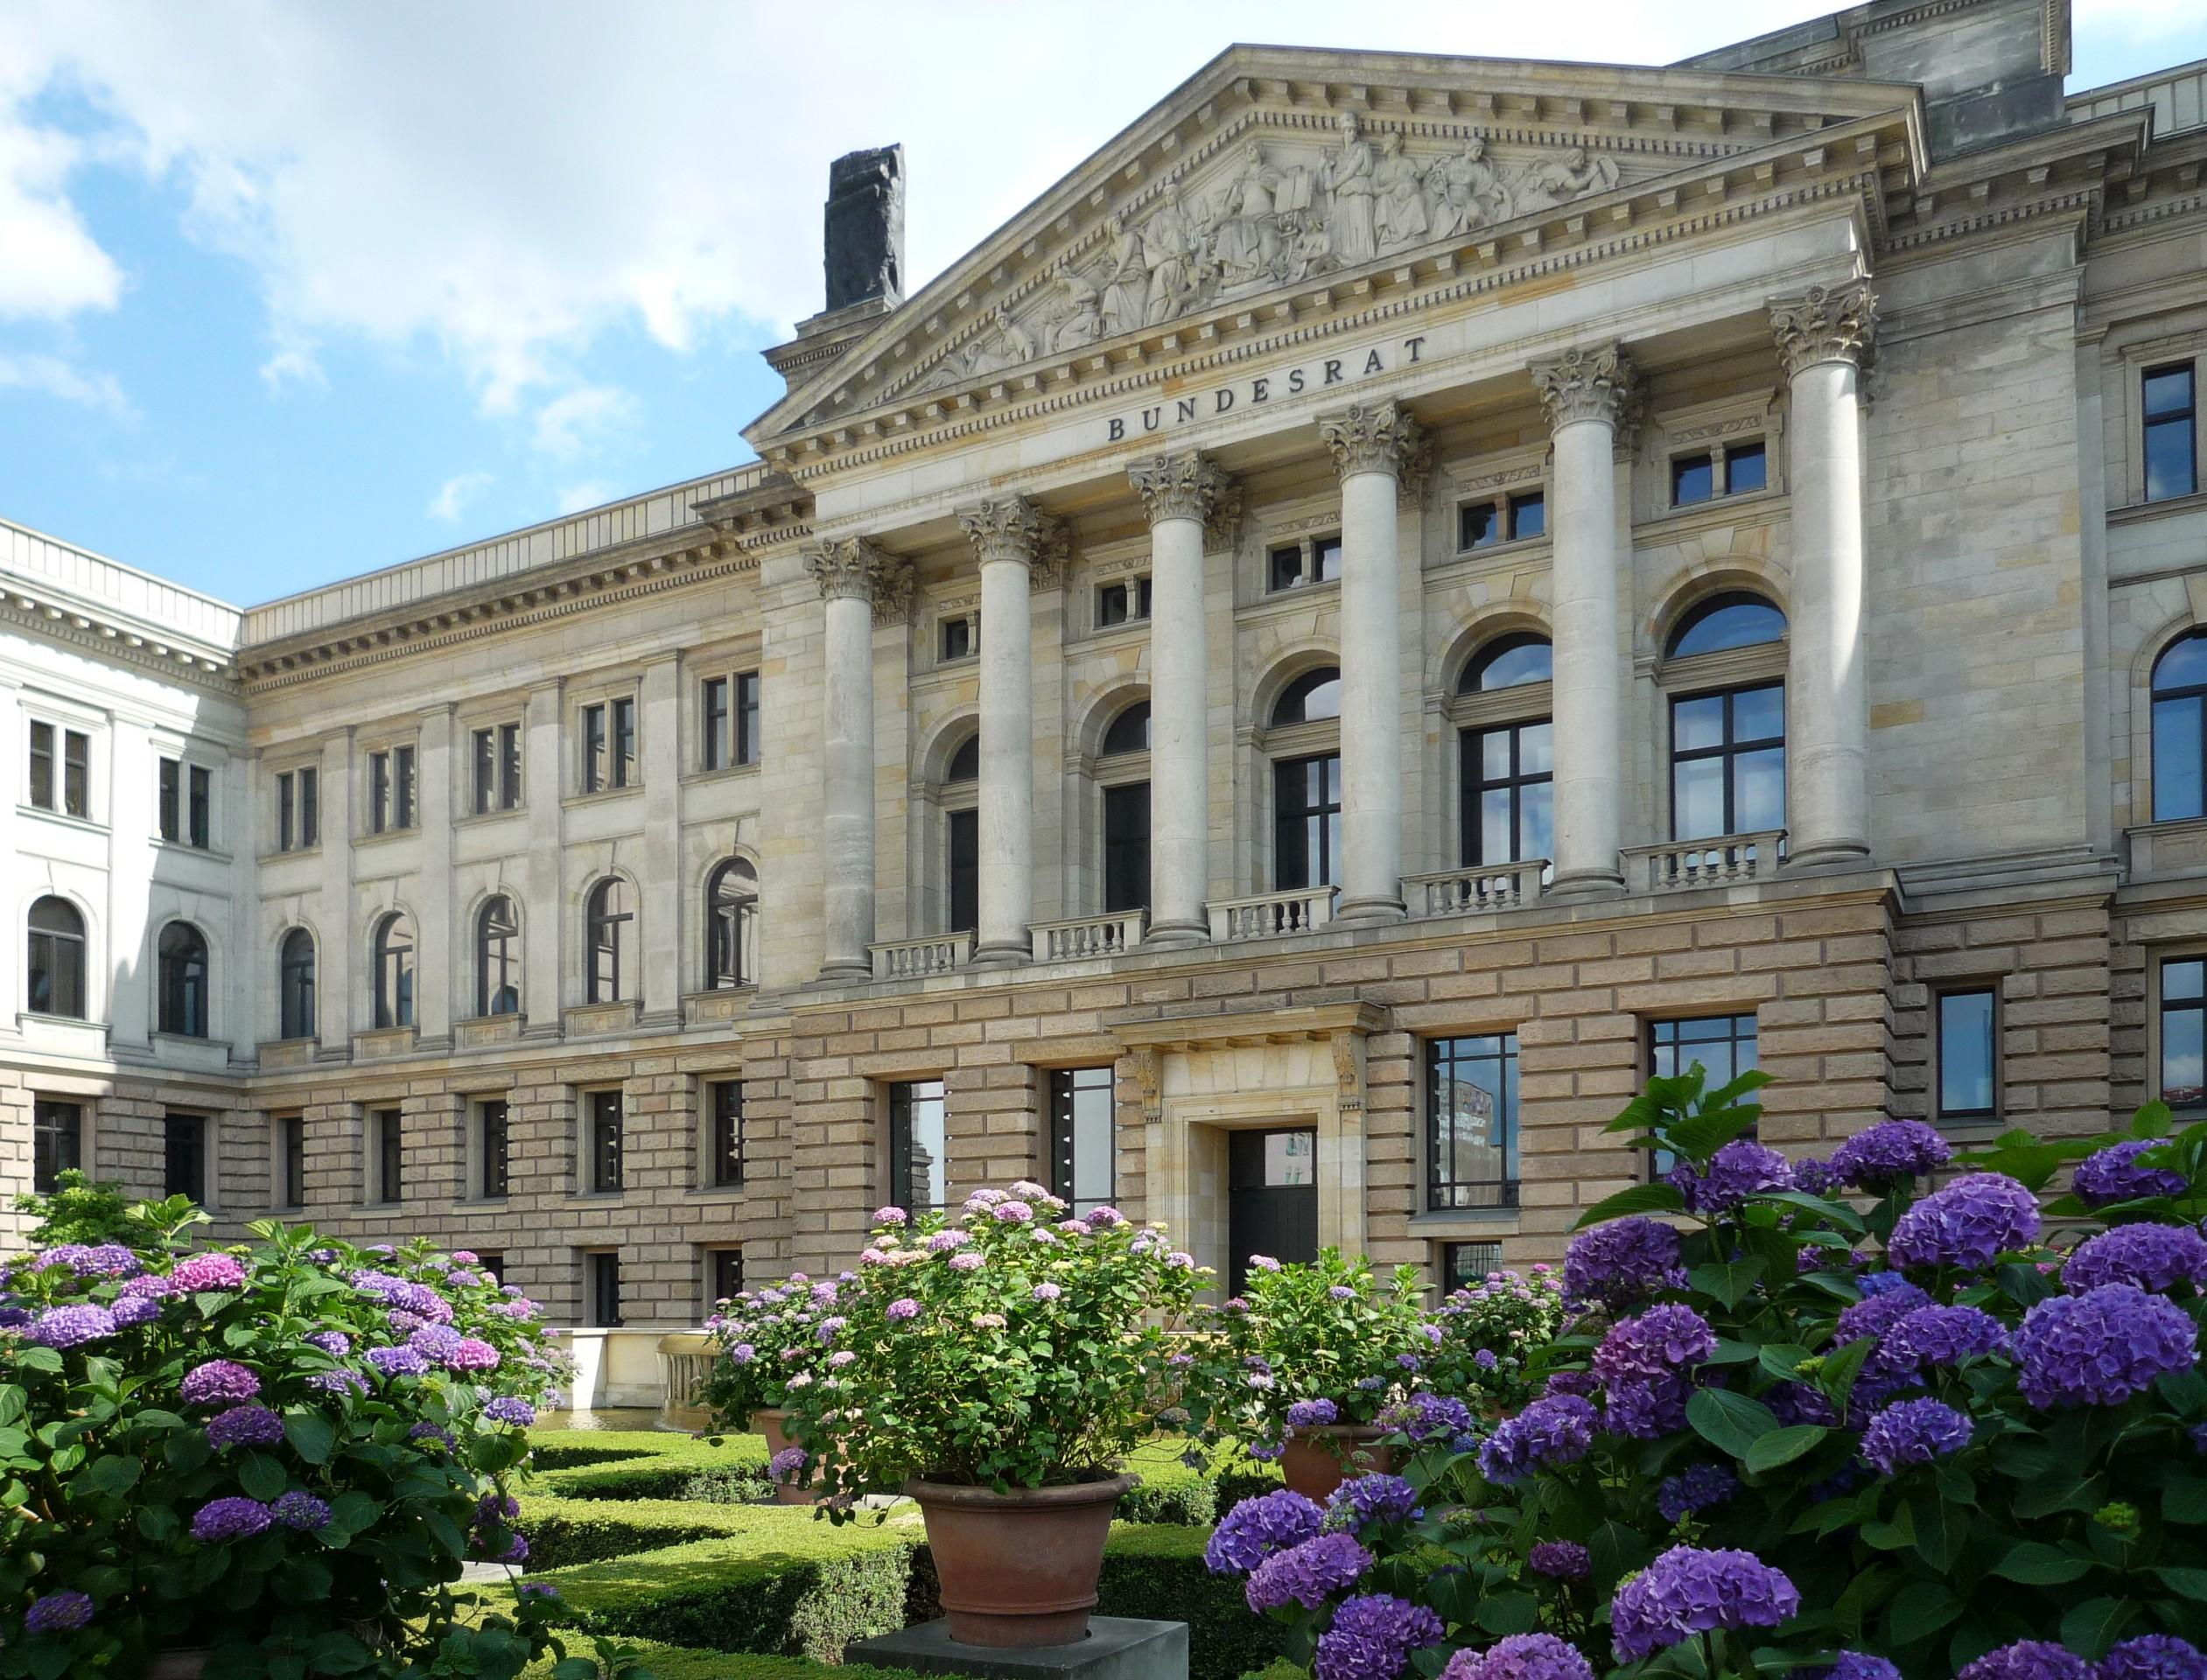 Die Bundesrepublik Deutschland ist ein kooperativ-föderalistischer Bundesstaat[183] mit einer sozialen Marktwirtschaft (Bundesratsgebäude in Berlin).